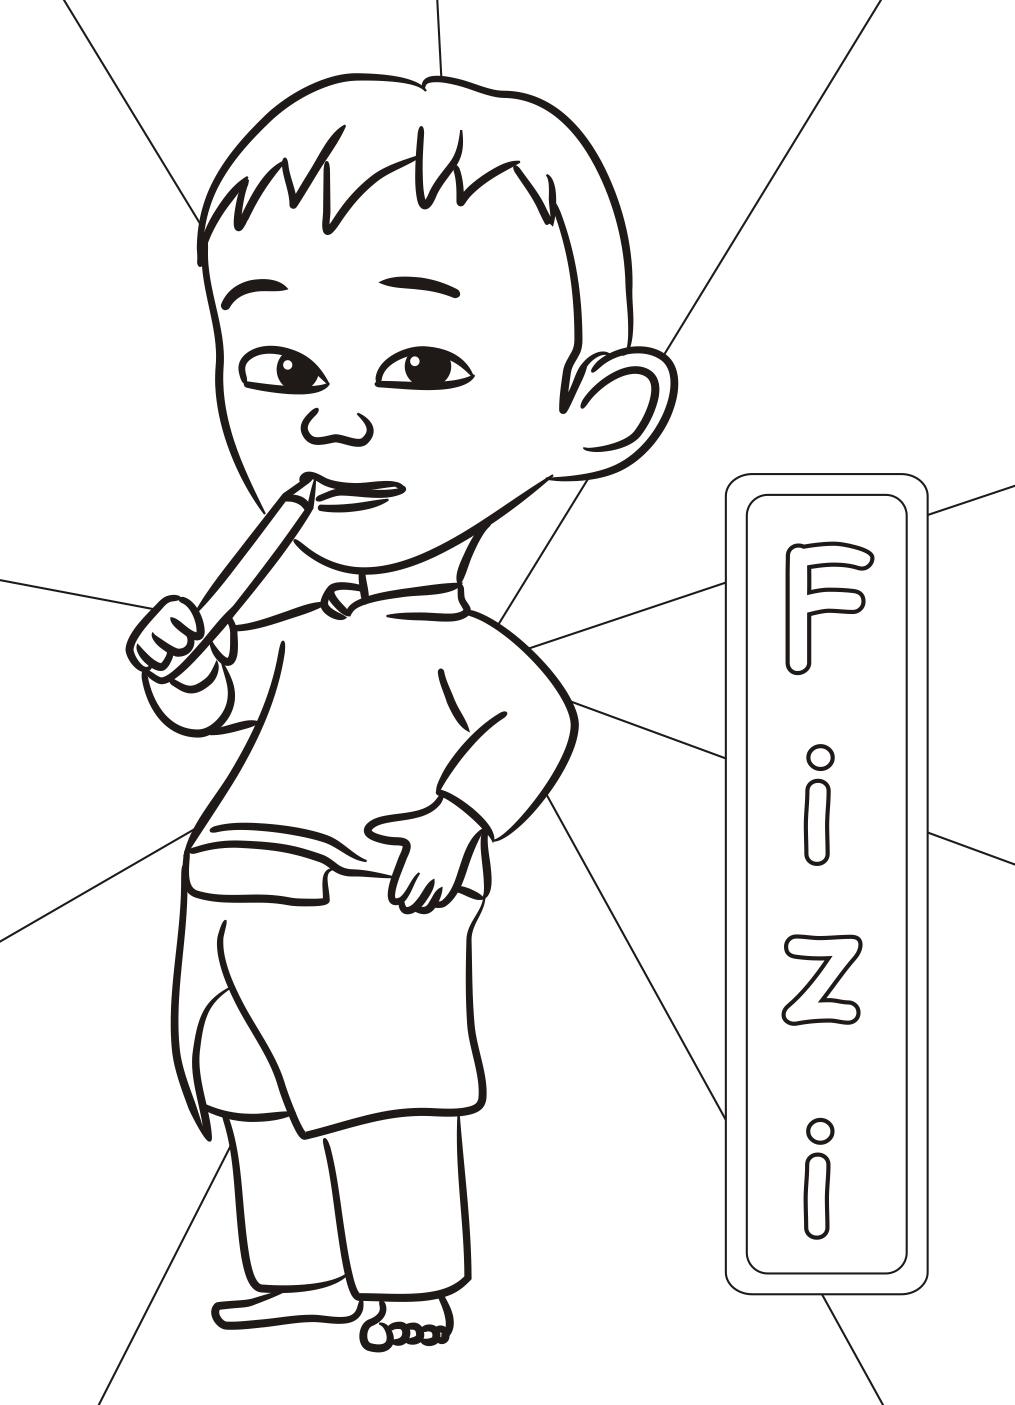 Gambar Mewarnai Upin Dan Ipin : gambar, mewarnai, Coloring, Pages, (Complete), Books,, Pages,